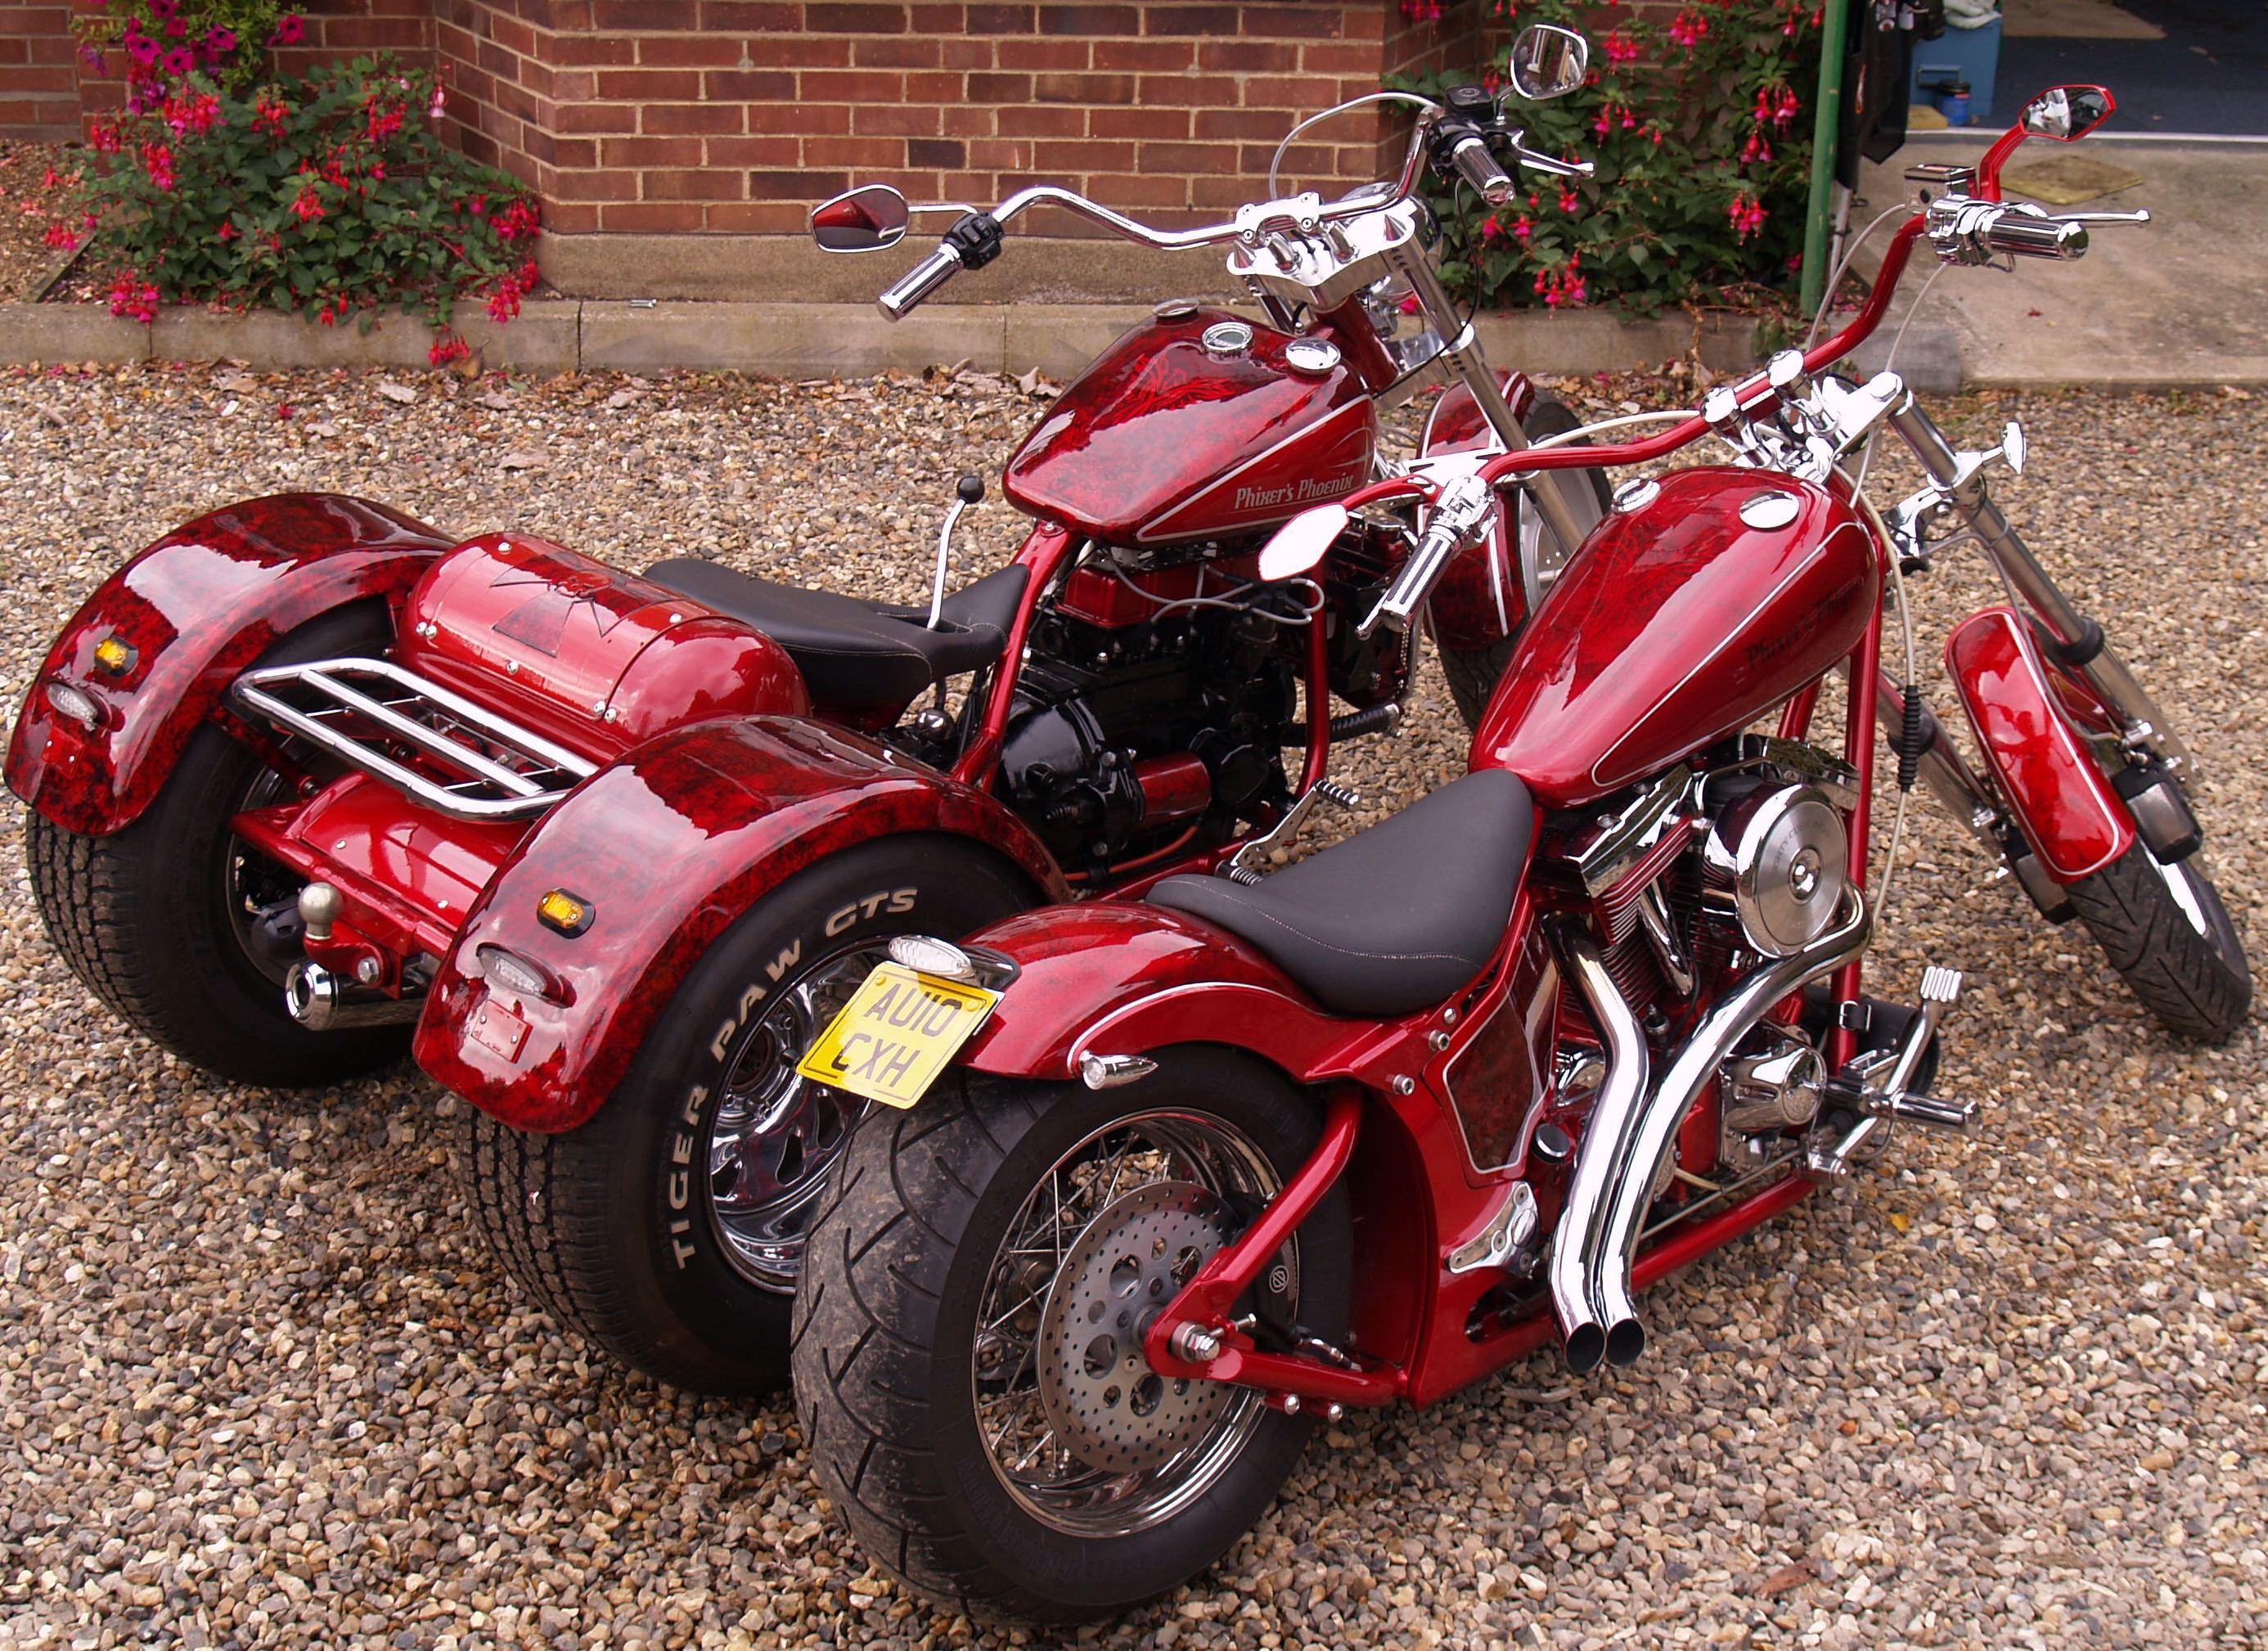 Trike and Evo